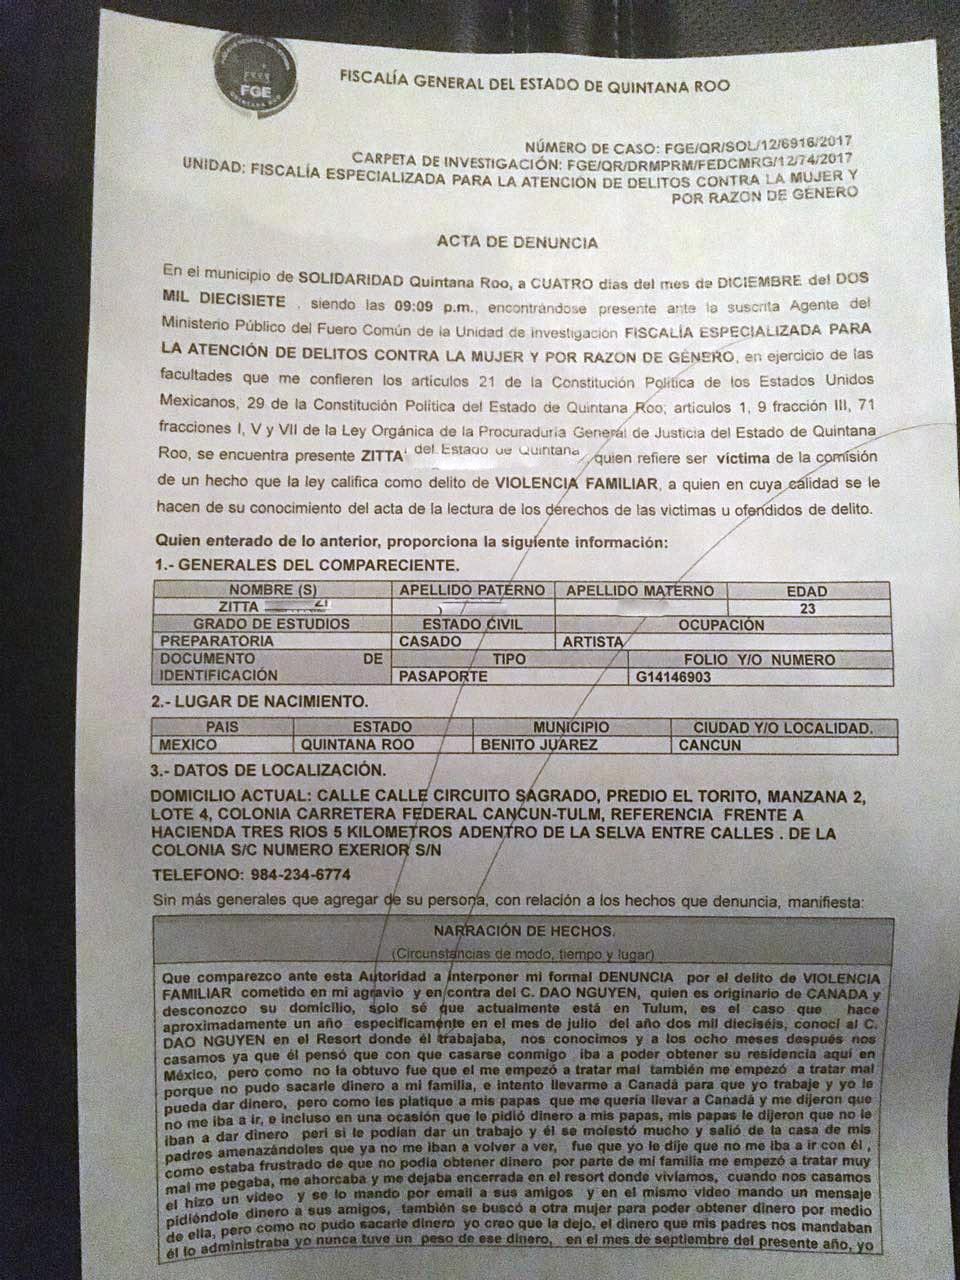 FISCALIA GENERAL DEL ESTADO DE QUINTANA ROO. ACTA DE DENUNCIA. En el municipio de SOLIDARIDAD Quintana Roo a CUATRO dias del mes de DICIEMBRE del DOS MIL DIECISIETE siendo las 9.09 PM, encontrandose presente ante la suscrita Agente del Ministerio Publico del Fuero Comun de la Unidad de Investigacion FISCALIA ESPECIALIZADA PARA LA ATENCION DE DELITOS CONTRA LA MUJER Y POR RAZON DE GENERO, en ejercicio de las facultades que me confieren los articulos 21 de la Constitucion Politica de los Estados Unidos Mexicanos, 29 de la Constitucion Politica del Estado de Quintana Roo, articulos 1, 9 fraccion III, 71 fracciones I, V y VII de la Ley Organica de la Procuraduria General de Justicia del Estado de Quintana Roo, se encuentra presente ZITTA quien refiere ser victima de la comision de un hecho que la ley califica como delito de VIOLENCIA FAMILIAR, a quien en cuya calidad se le hacen de su conocimiento del acta de la lectura de los derechos de las victimas u ofendidos de delito. Quien enterado de lo anterior, proporciona la siguiente informacion: 1- GENERALES DEL COMPARECIENTE: NOMBRE: ZITTA EDAD: 23 GRADO DE ESTUDIOS: PREPARATORIA ESTADO CIVIL: CASADO OCUPACION: ARTISTA DOCUMENTO DE IDENTIFICACION: PASAPORTE 2- LUGAR DE NACIMIENTO PAIS: MEXICO ESTADO: QUINTANA ROO MUNICIPIO: BENITO JUAREZ CIUDAD O LOCALIDAD: CANCUN. 3- DATOS DE LA LOCALIZACION: DOMICILIO ACTUAL: CALLE CIRCUITO SAGRADO PREDIO EL TORITO MANZANA 2 LOTE 4 COLONIA CARRETERA FEDERAL CANCUN - TULUM REFERENCIA FRENTE A HACIENDA TRES RIOS 5 KILOMETOS ADENTRO DE LA SELVA ENTRE CALLES DE LA COLONIA S/C NUMERO EXTERIOR S/N. TELEFONO: 9842346774 Sin mas generales que agregar a su persona con relacion a los hechos que denuncia, manifiesta: NARRACION DE HECHOS (Circunstancia de modo, tiempo y lugar) Que comparezco ante esta Autoridad a interponer mi formal DENUNCIA por el delito de VIOLENCIA FAMILIAR cometido en mi agravio y en contra del C. DAO NGUYEN, quien es originario de CANADA y desconozco s u domicilio, solo se que